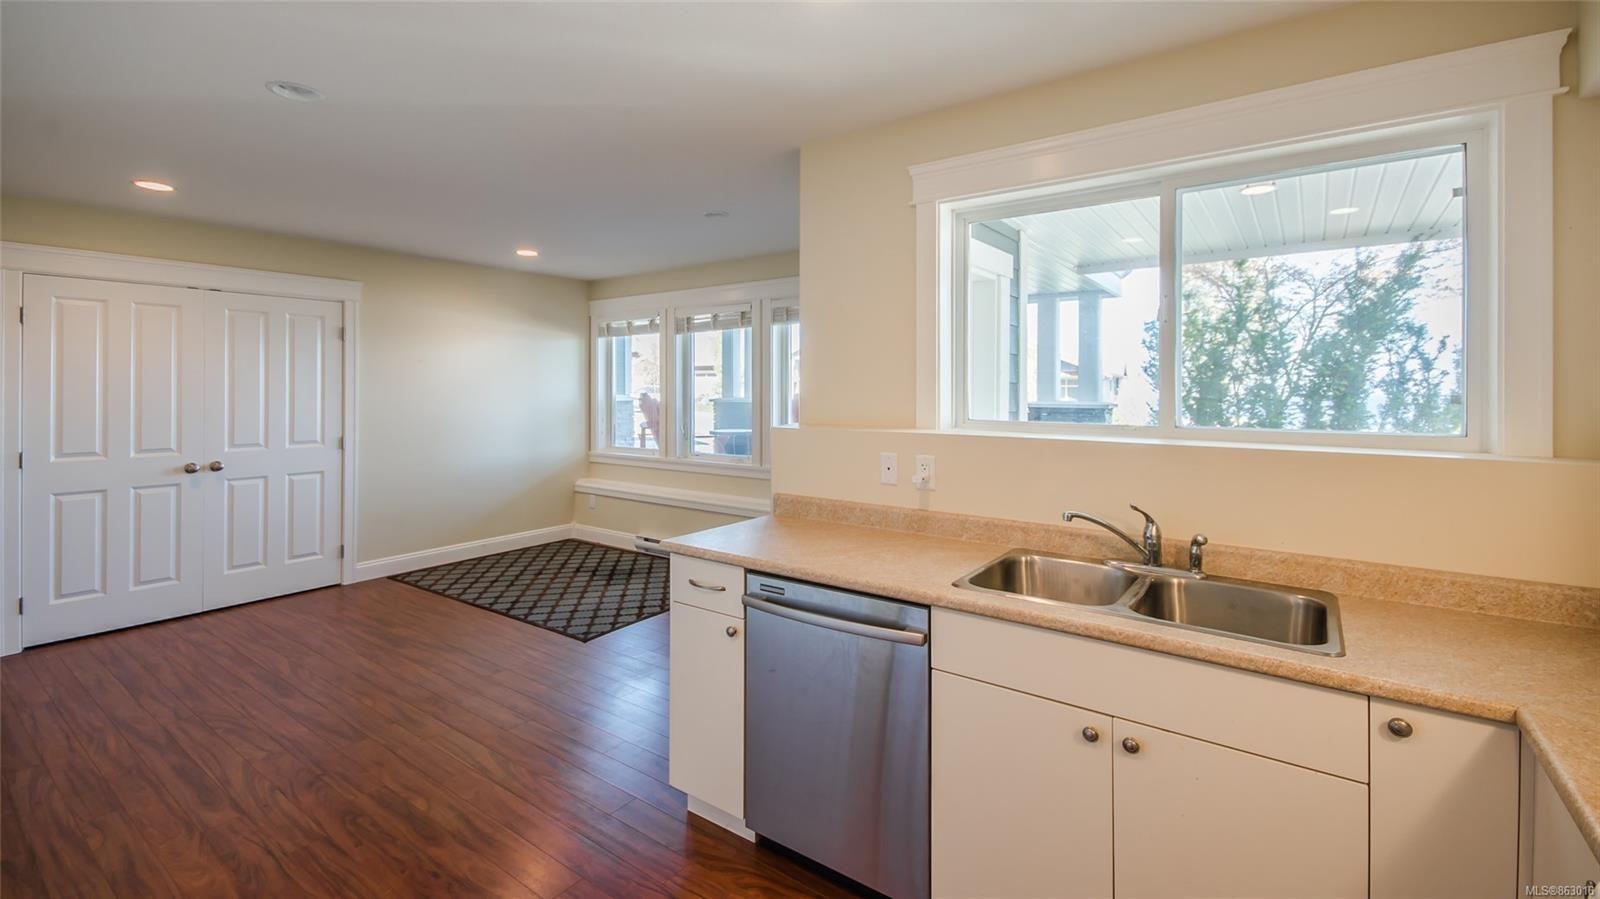 Photo 27: Photos: 5361 Laguna Way in : Na North Nanaimo House for sale (Nanaimo)  : MLS®# 863016